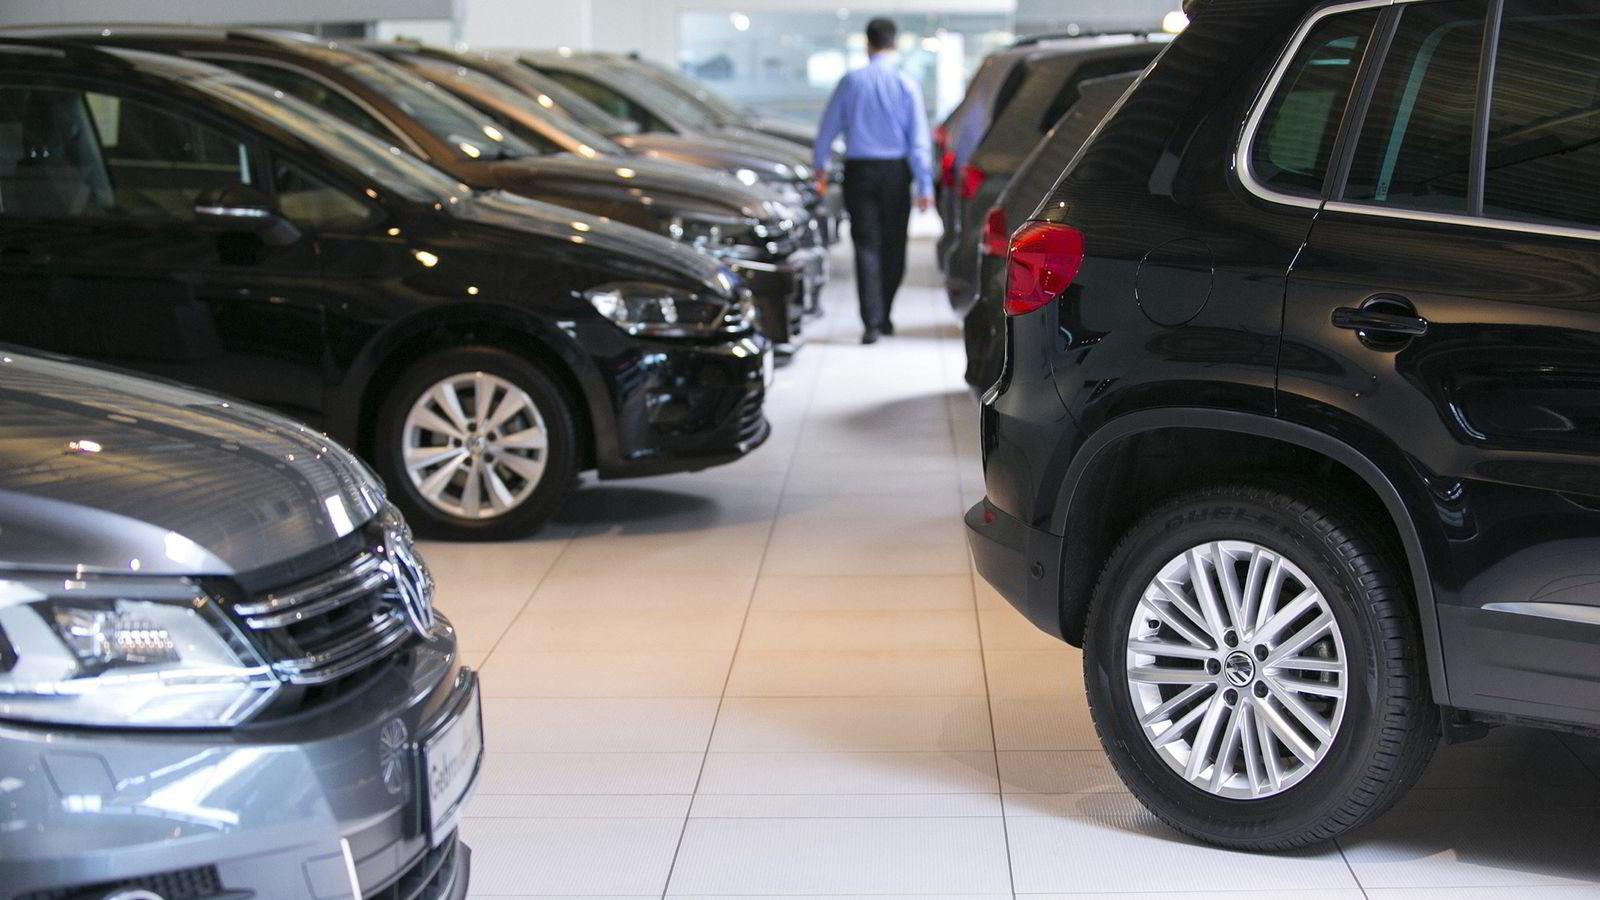 Importører og forhandlere av Volkswagens dieselbiler kan i verste fall måtte betale ekstra avgift, dersom det viser seg at bilene har hatt feil typegodkjenning. Foto: Krisztian Bocsi/